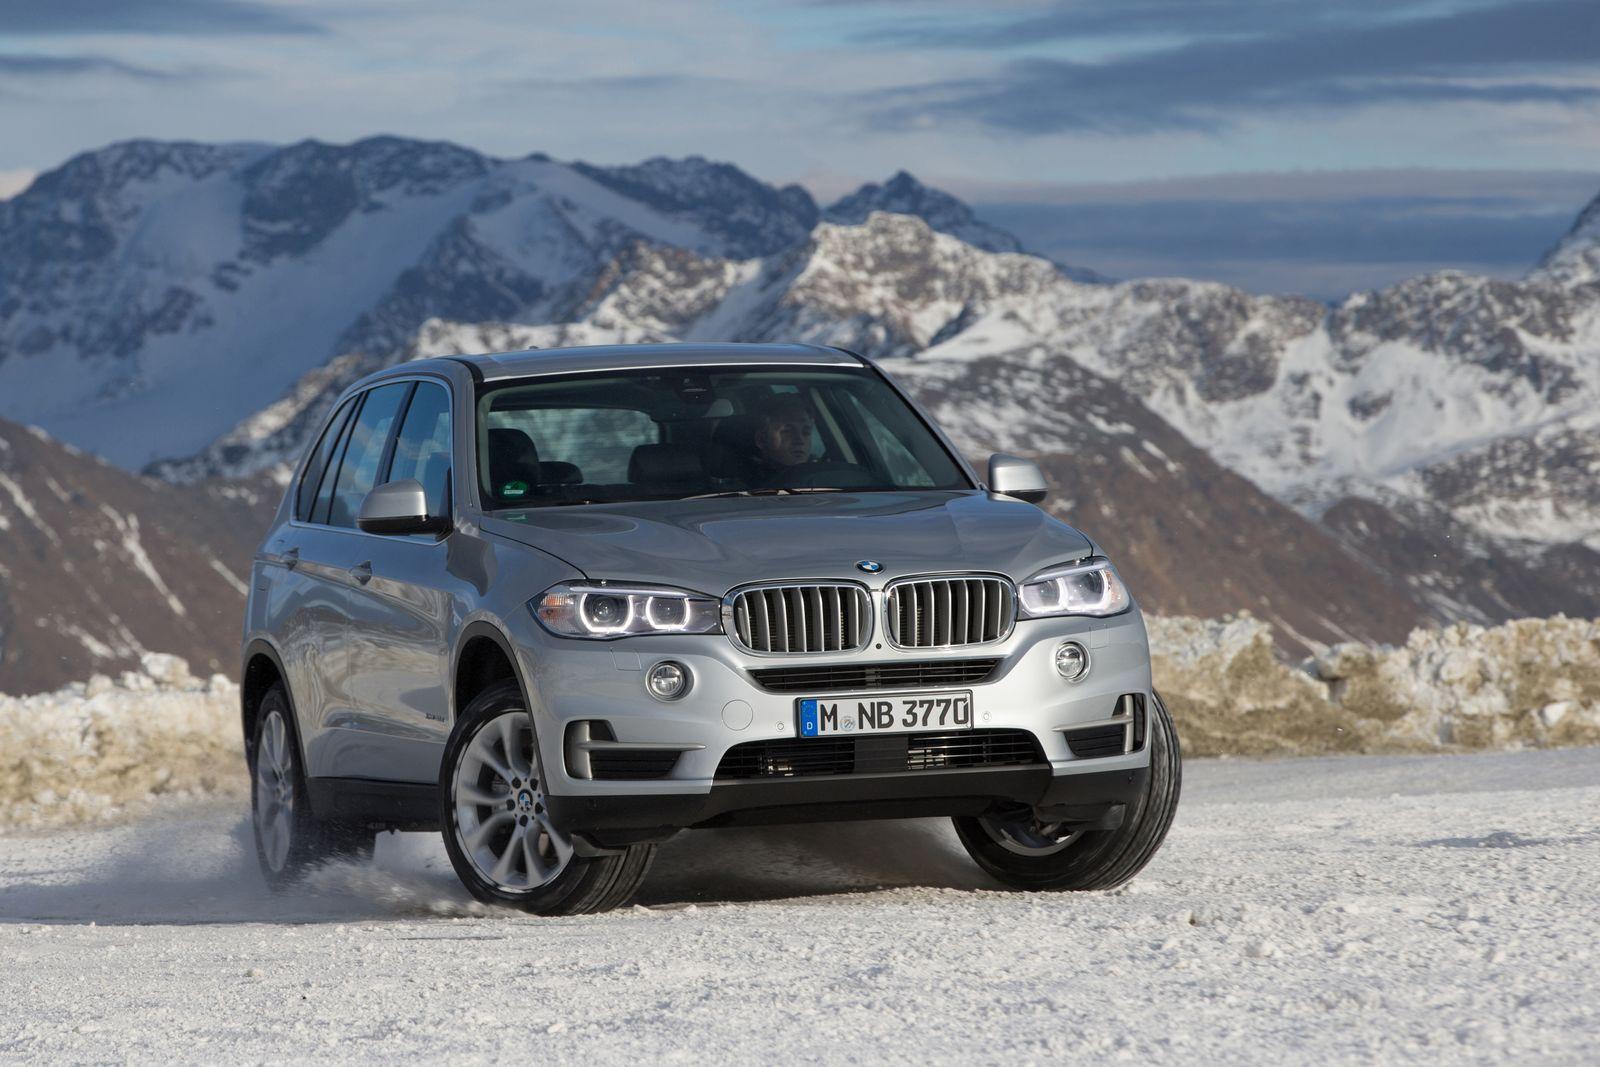 Lieblinge der Autodiebe 2015 / BMW X5